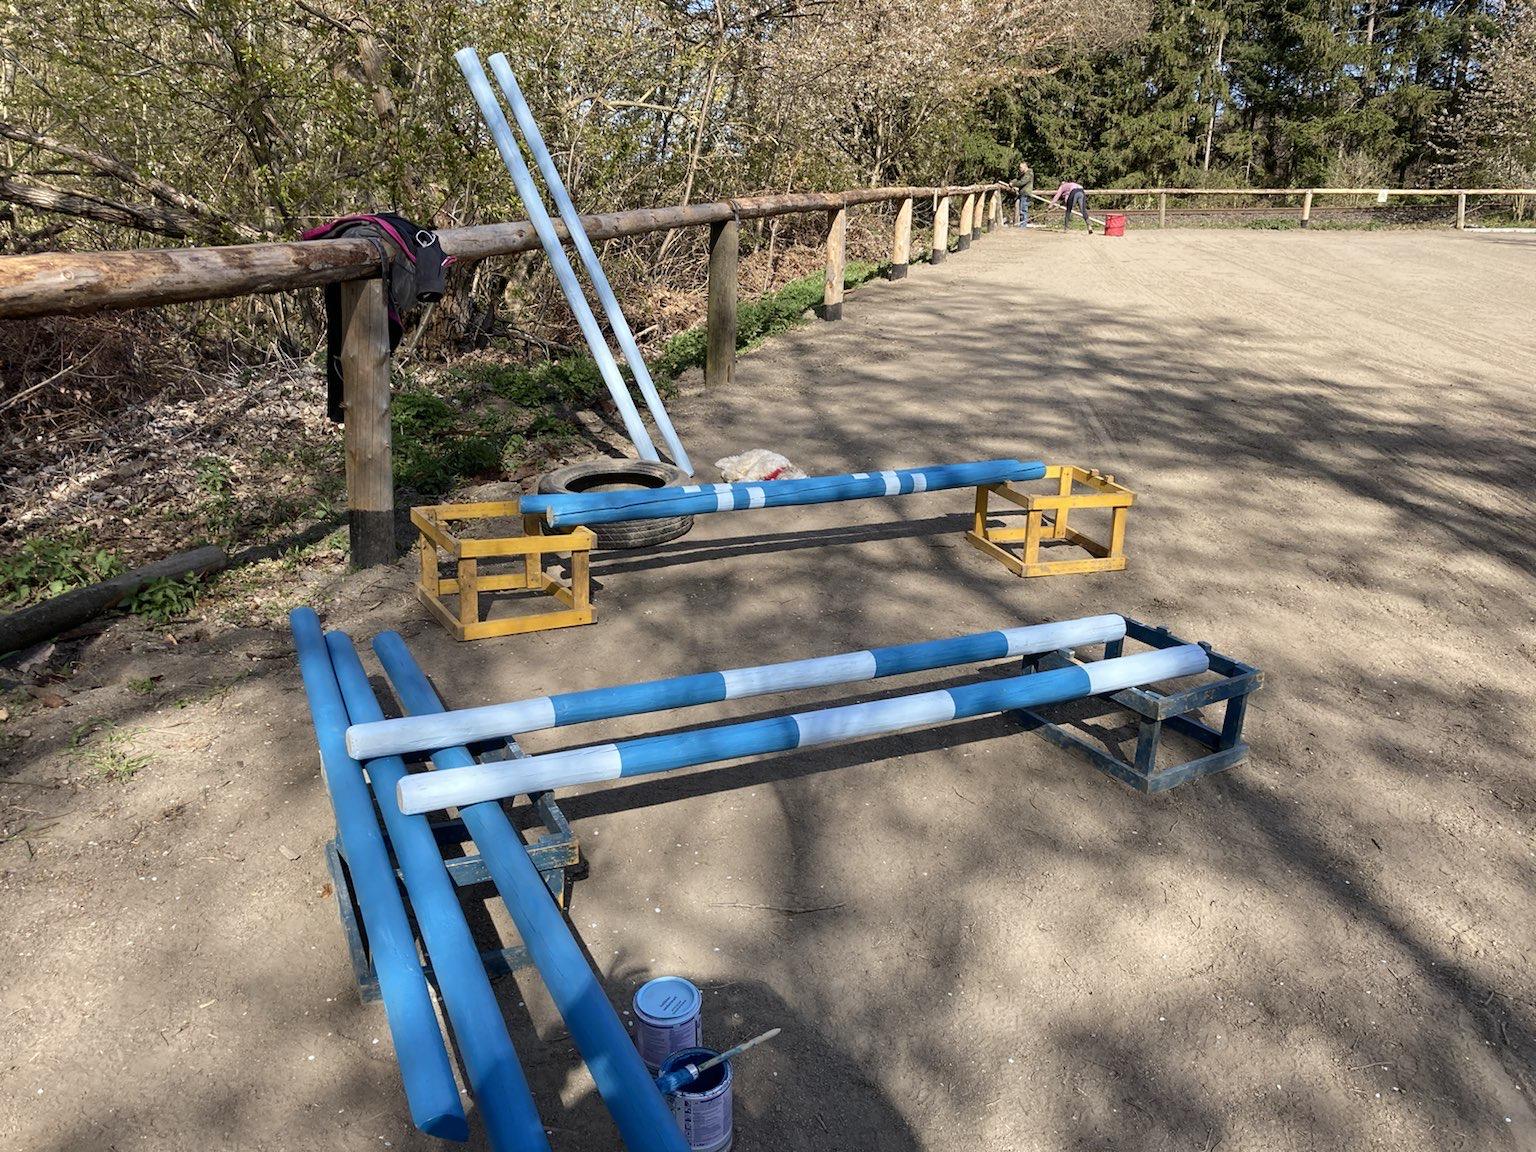 Am Reitplatz wurden neue Stangen bereitgestellt.